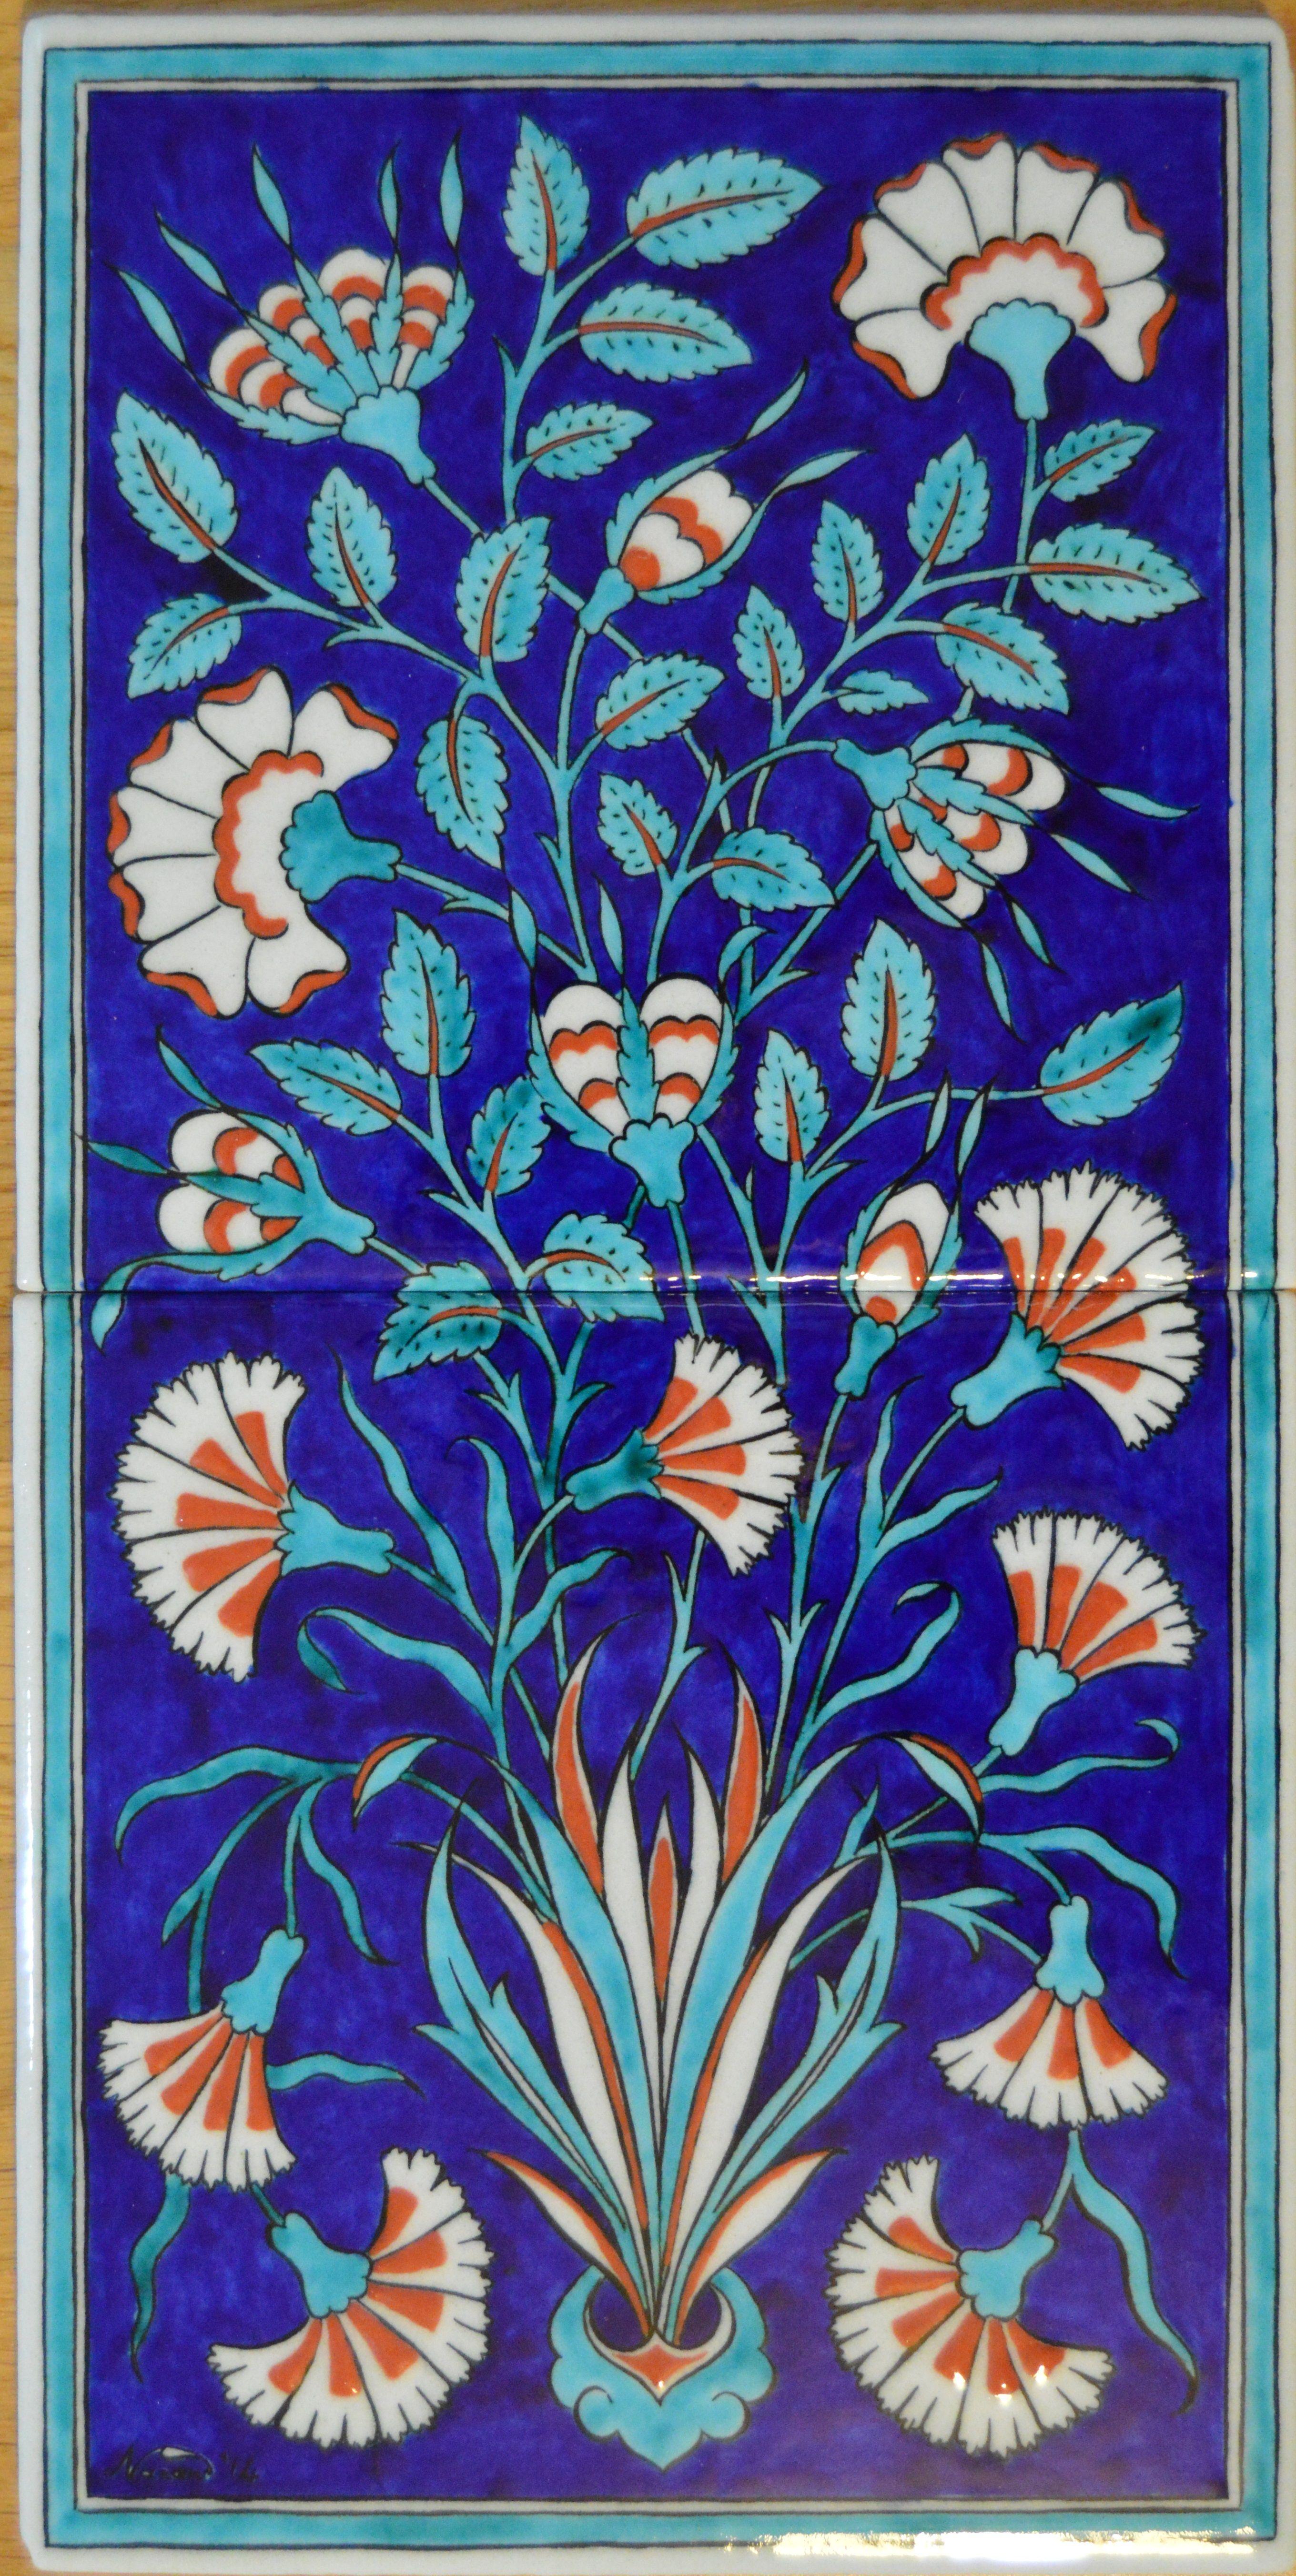 Pin Von Nazan Ilgaz Auf Turkish Tile Art Pinterest - Fliesen auf türkisch